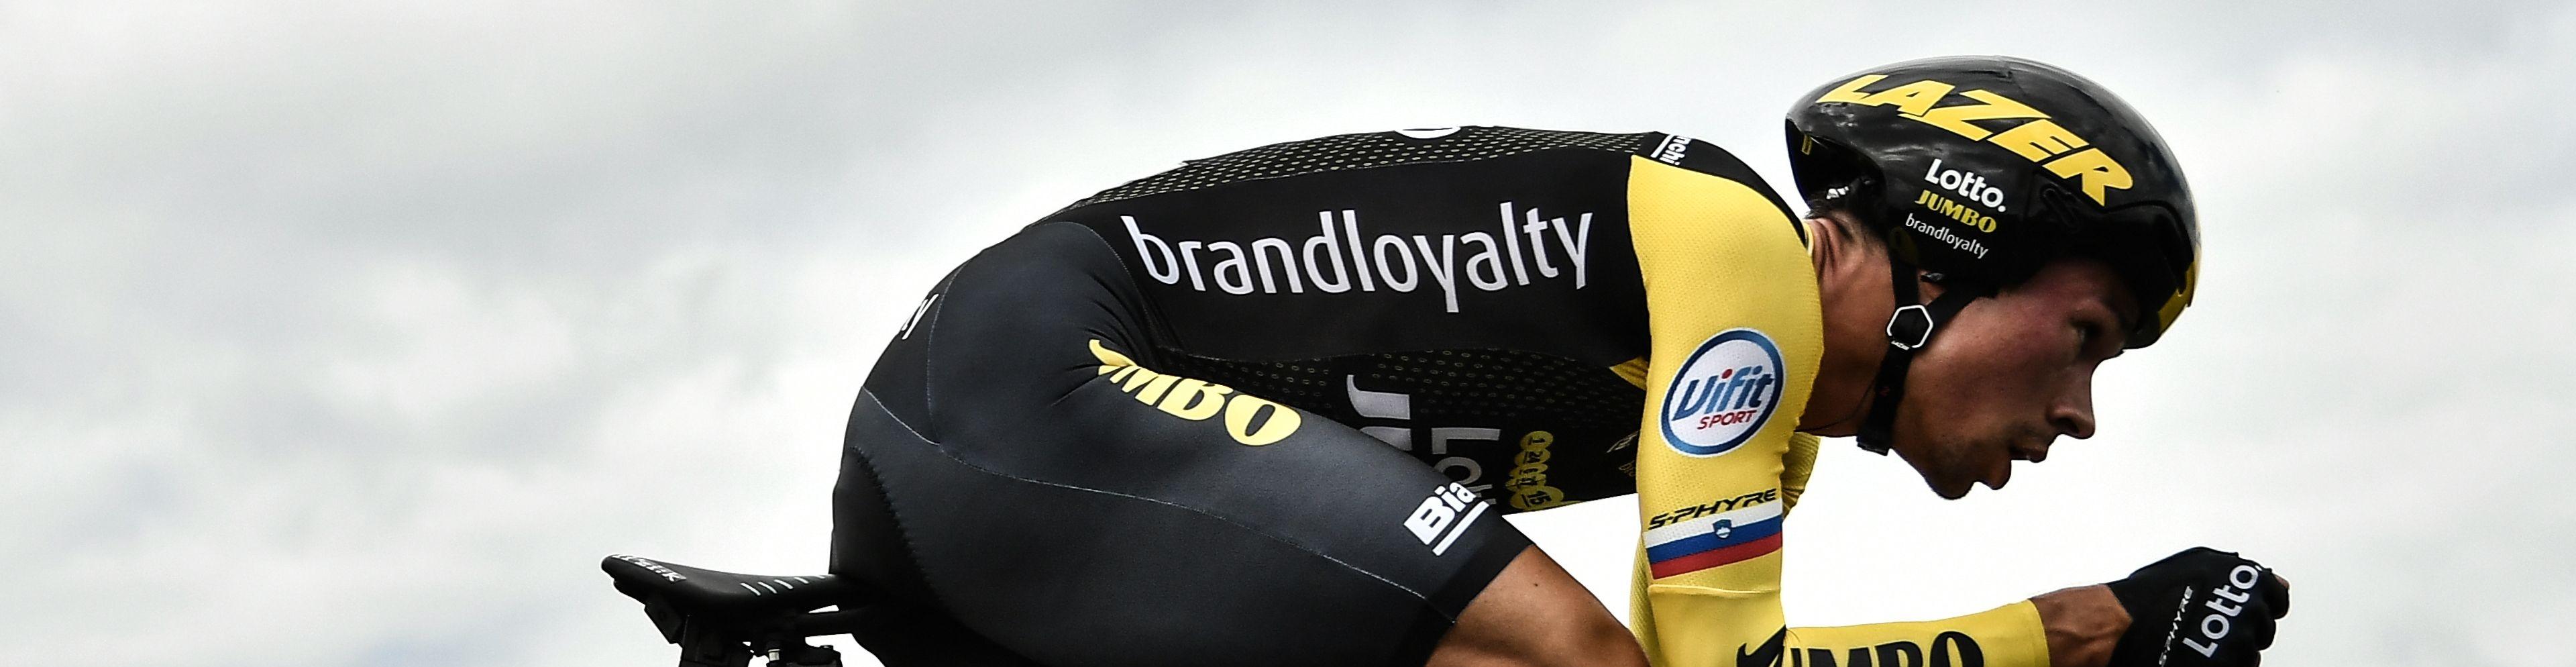 Giro d'Italia 2019, ultima tappa: Campenaerts favorito netto, gli obiettivi di Roglic e Nibali